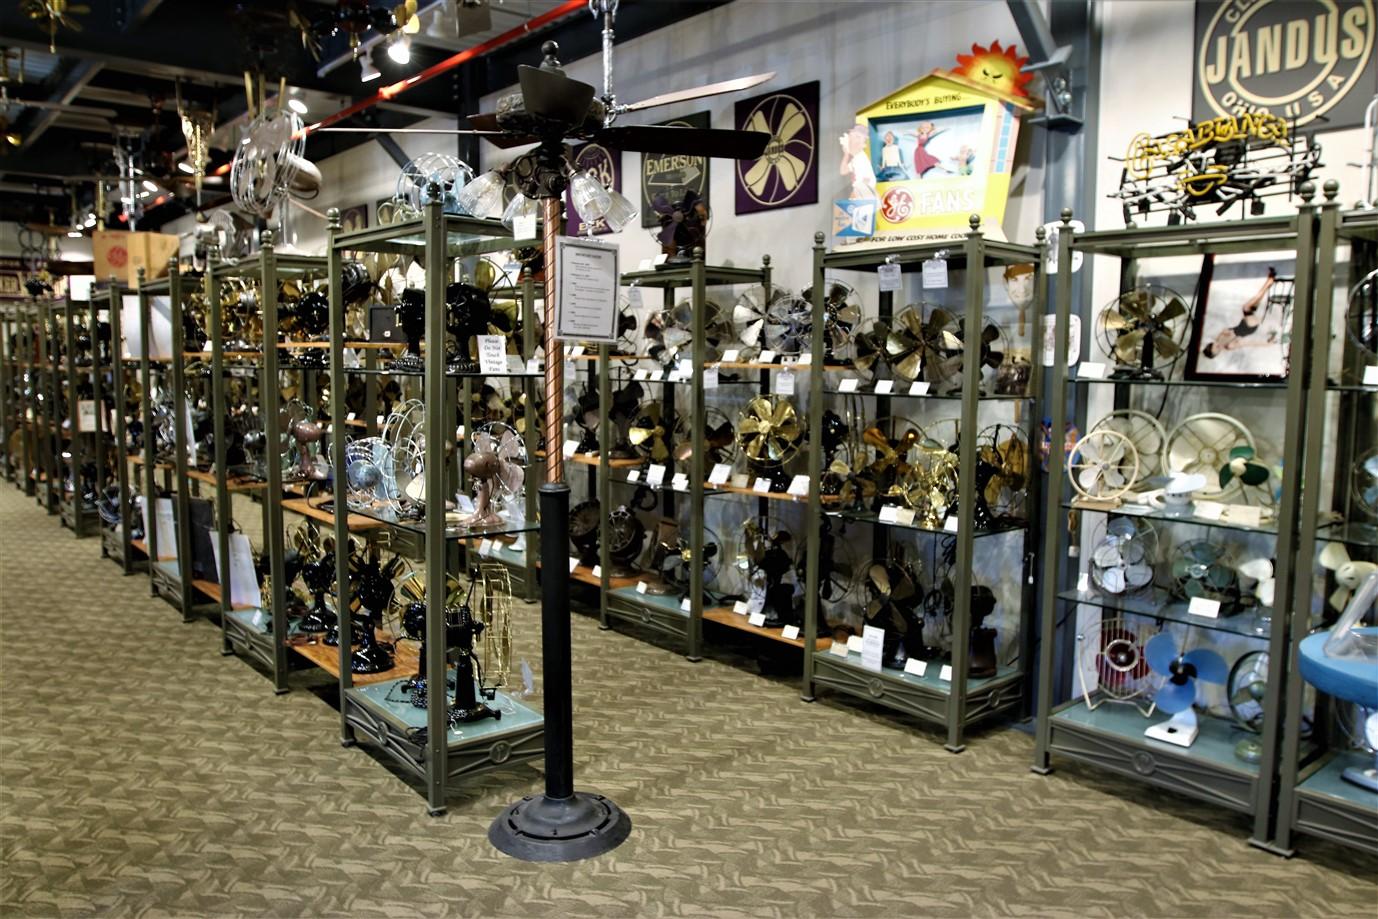 2018 07 17 128 Zionsville IN Fan Museum.jpg